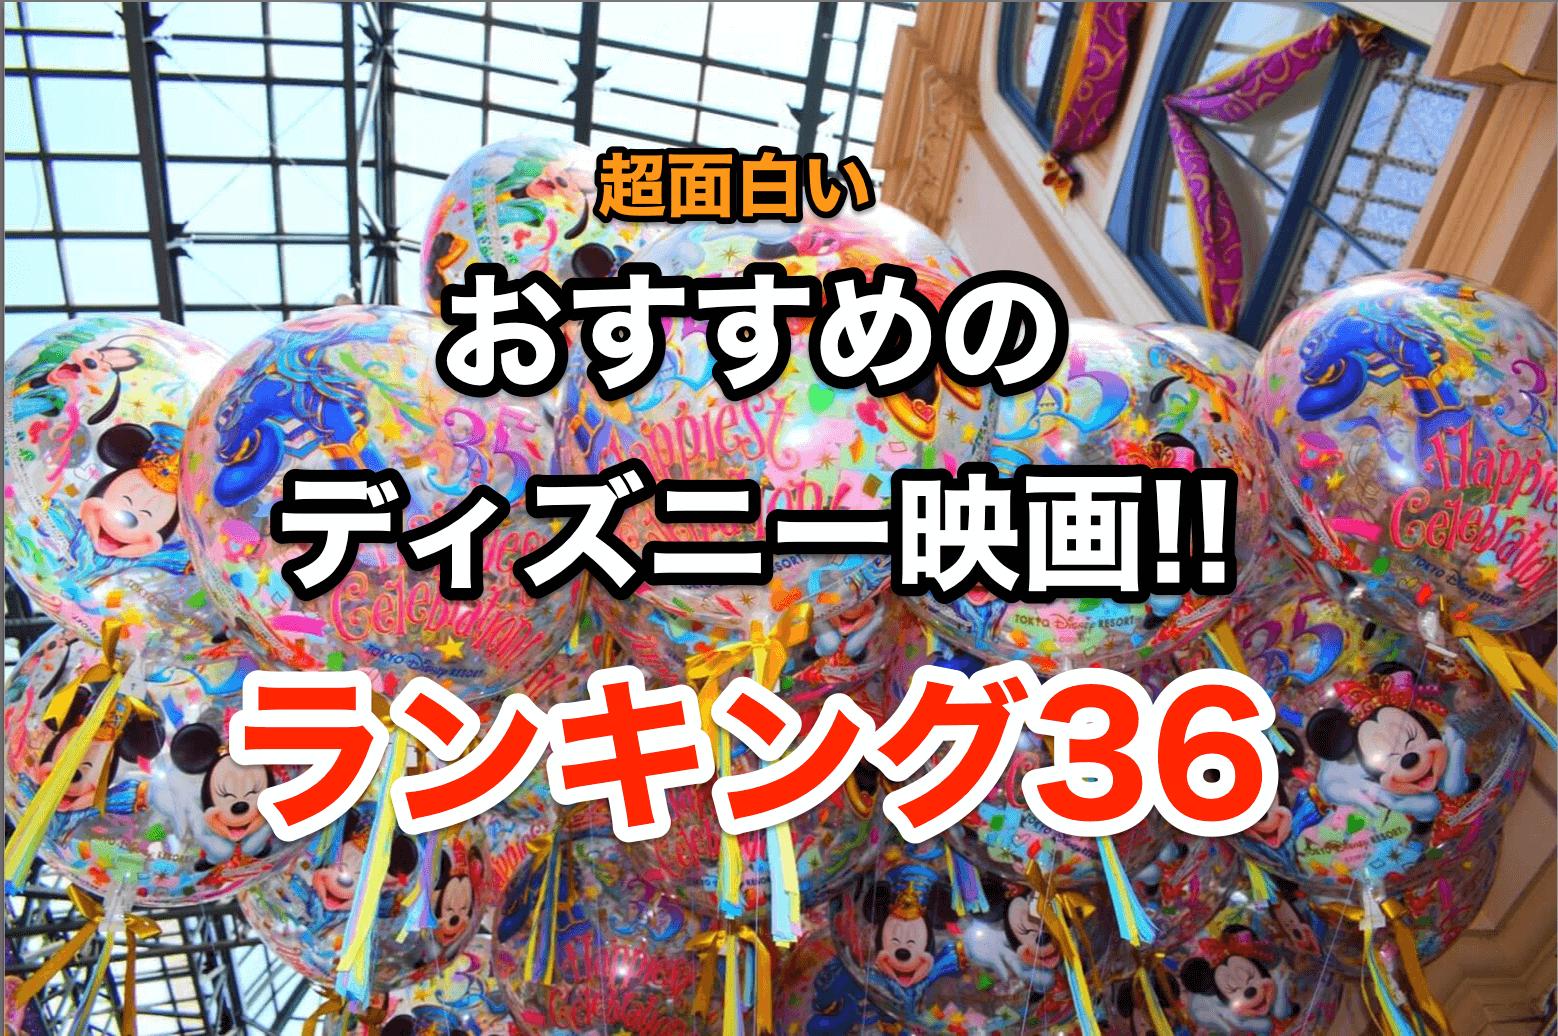 【2019年版】ディズニー映画の超面白いおすすめランキング36【名作から最新作まで】